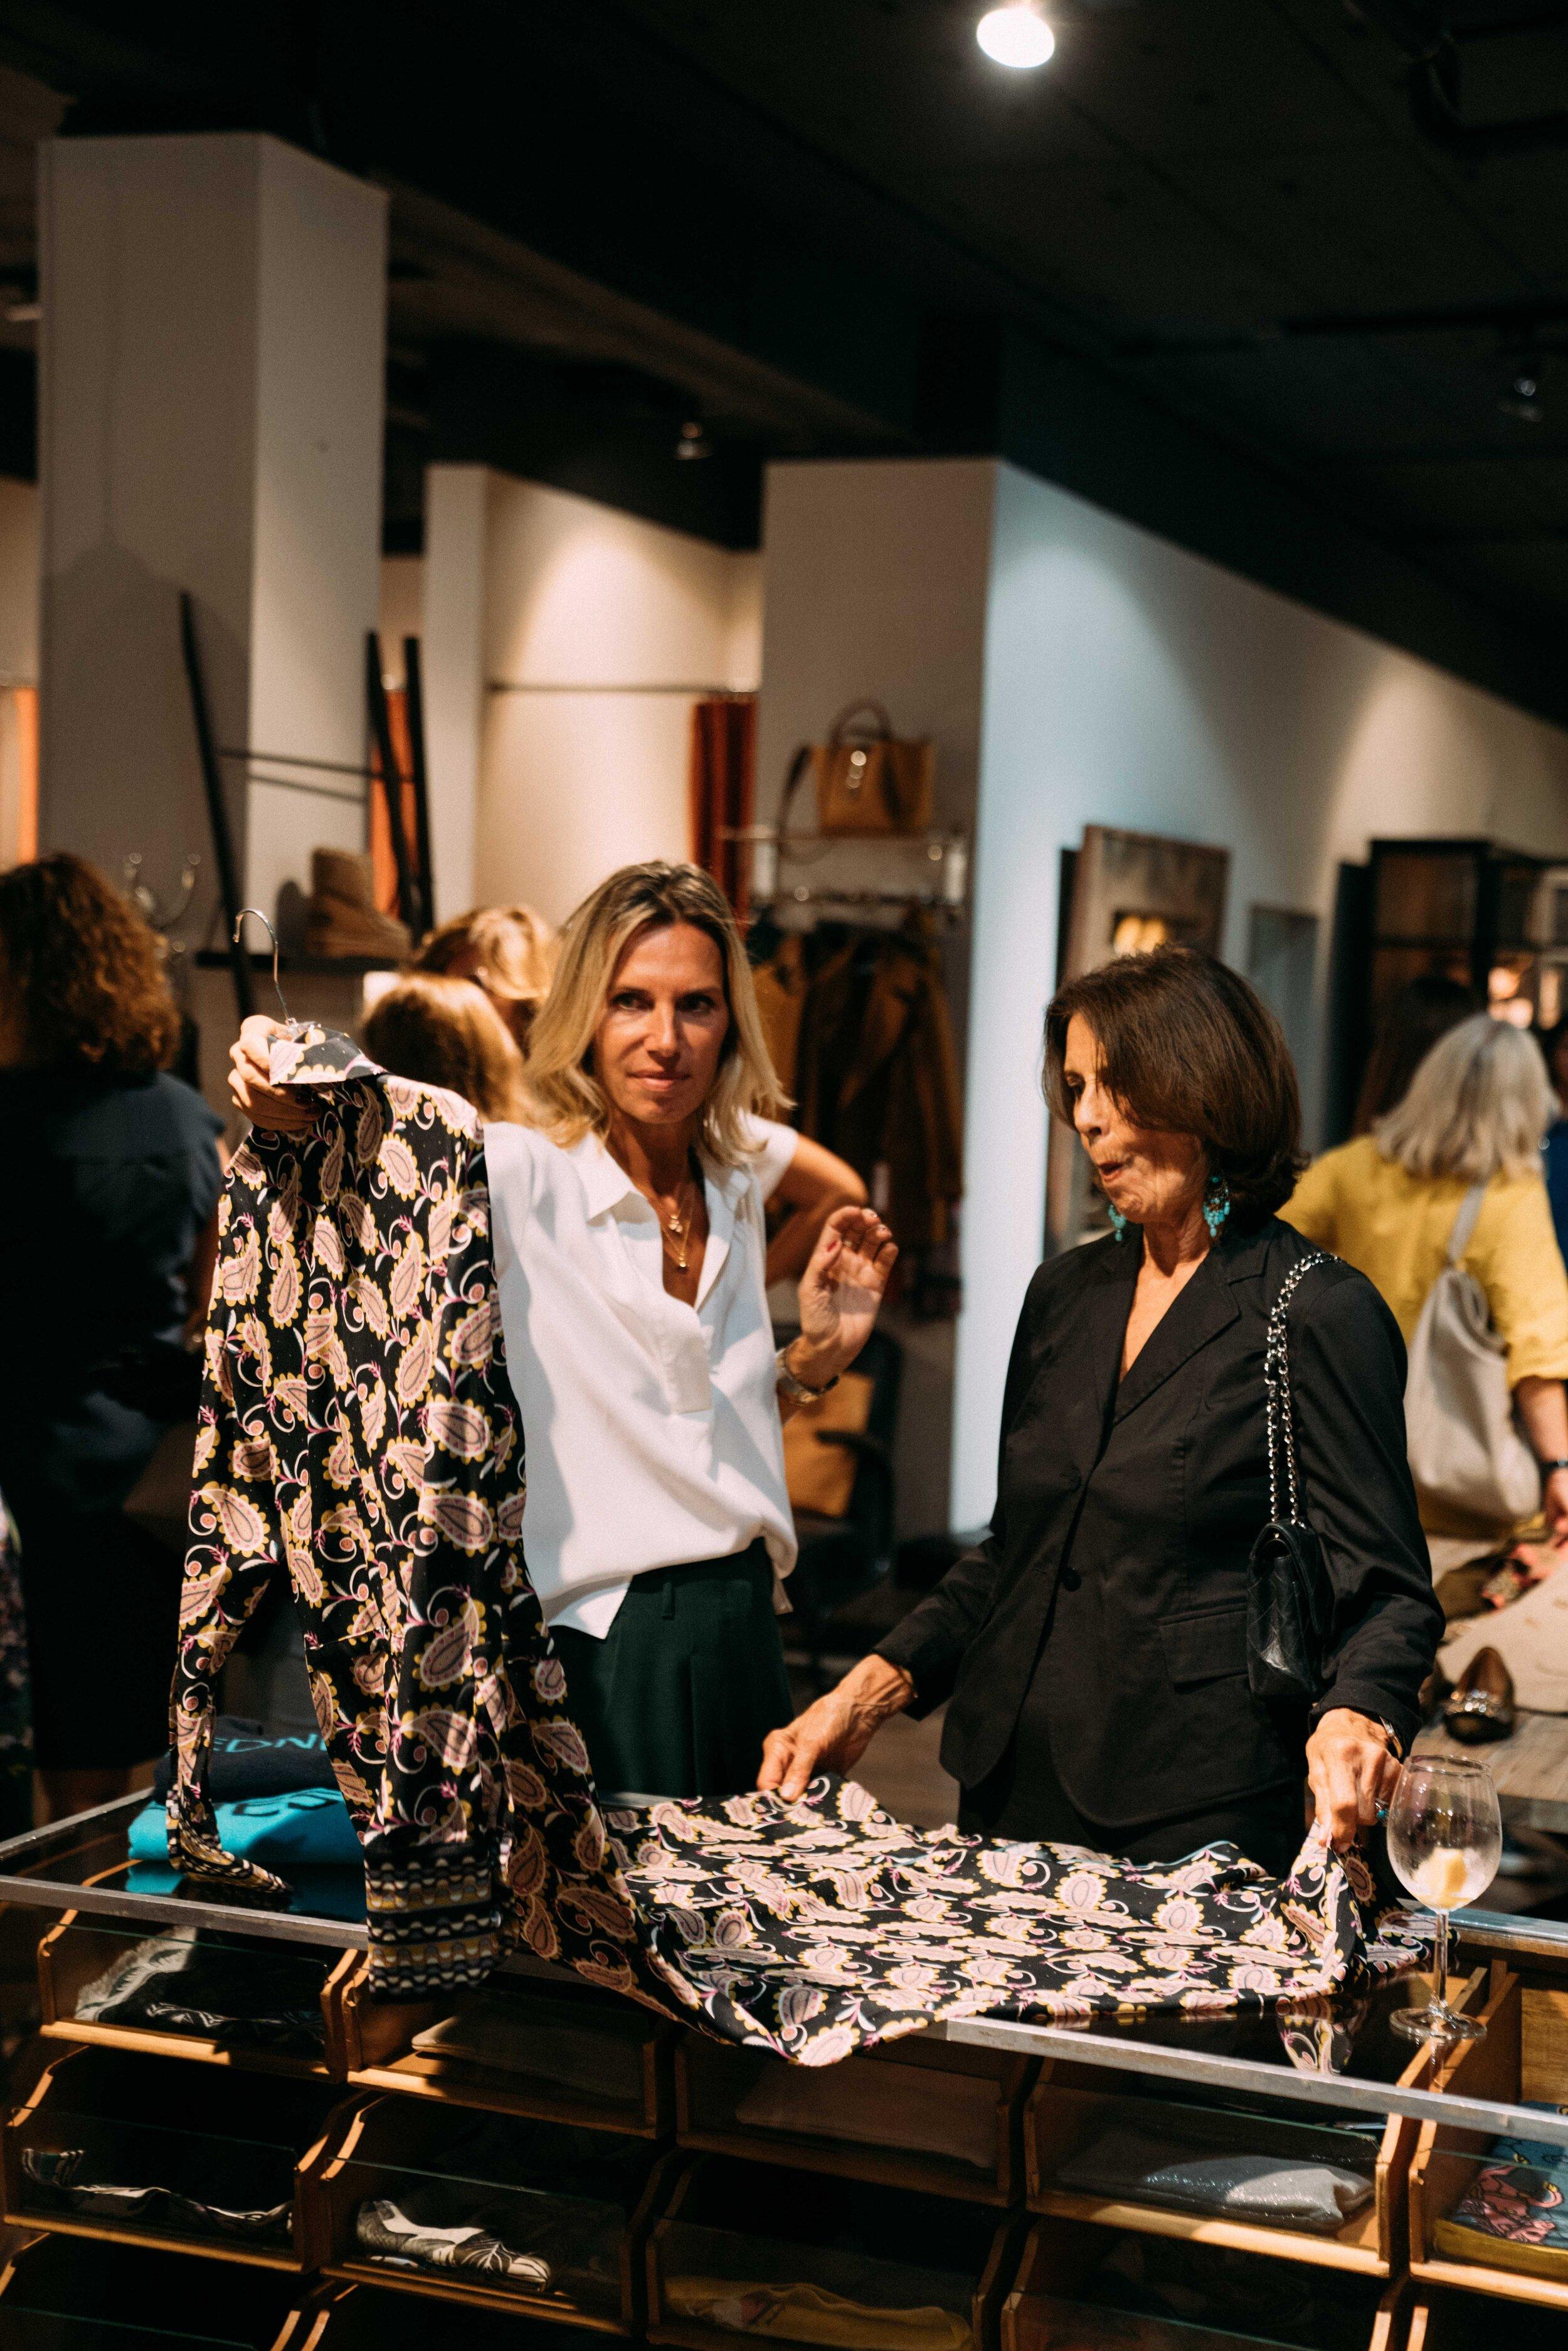 GraubnerConcept_FashionCocktail_Herbst19_36.jpg